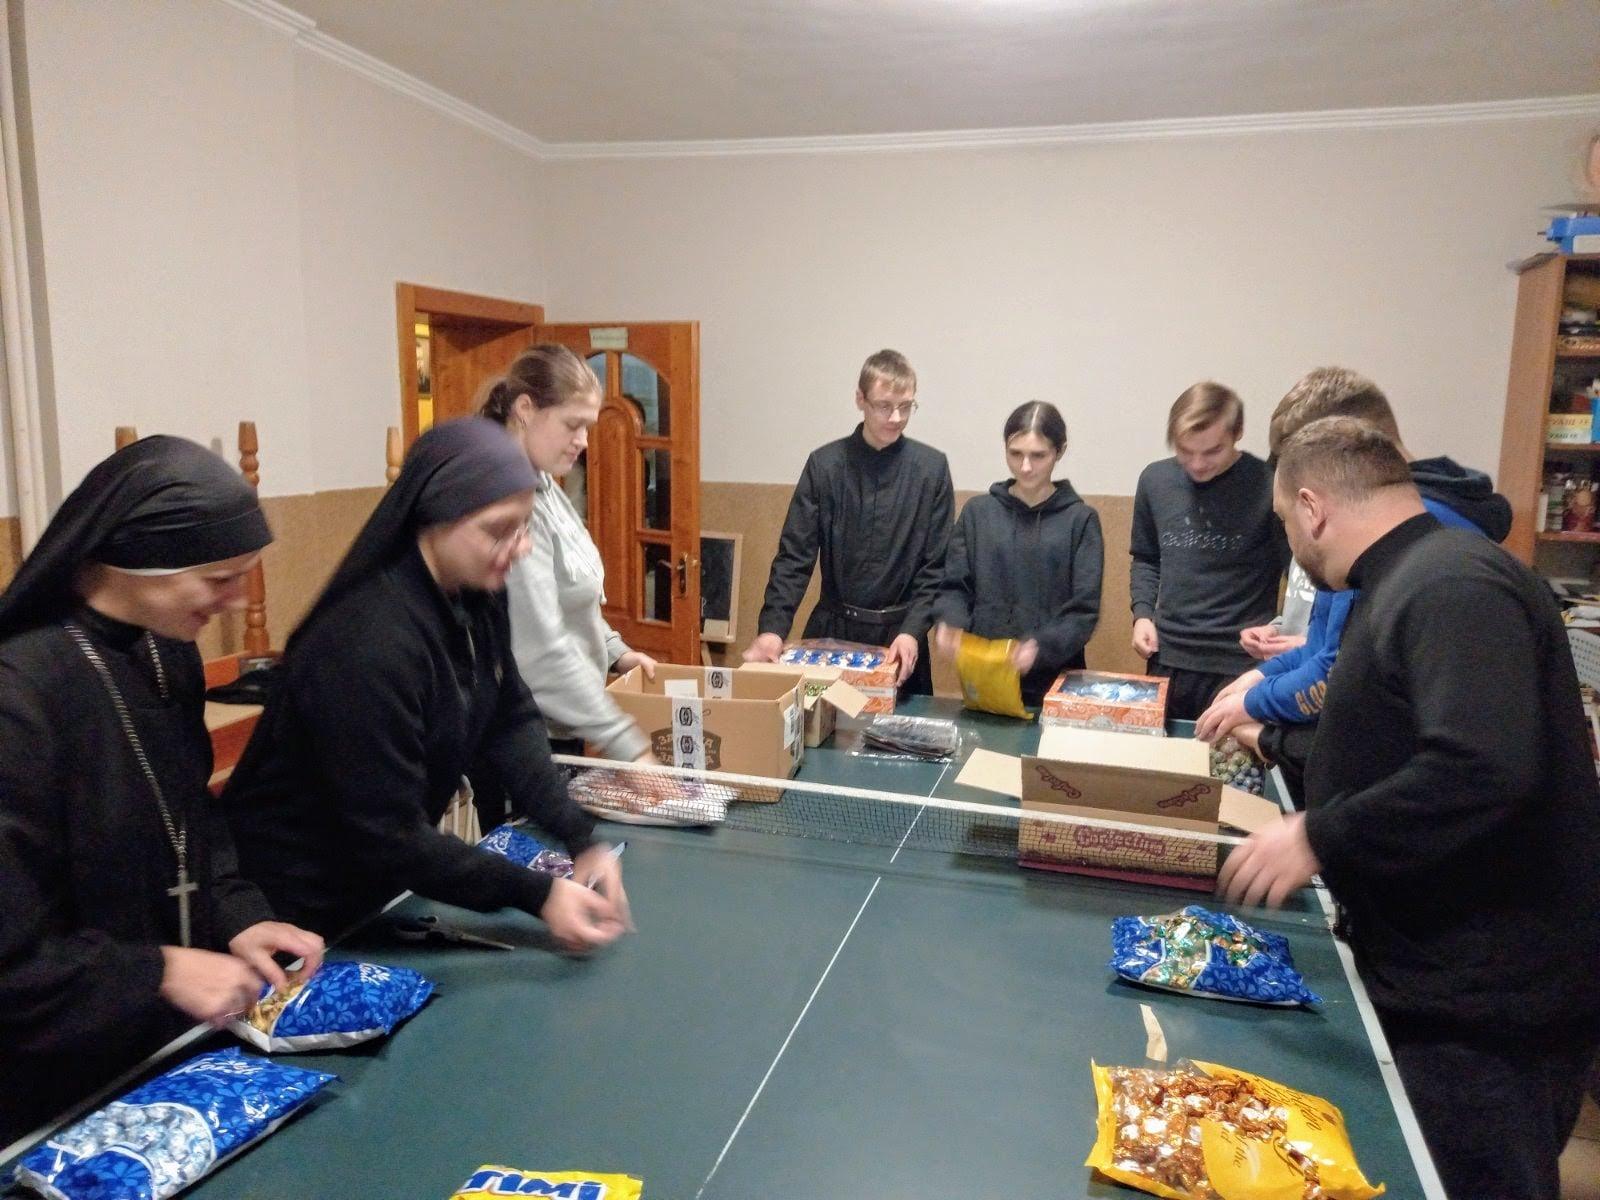 Preparaciones para la fiesta de San Nicolás en Ucrania